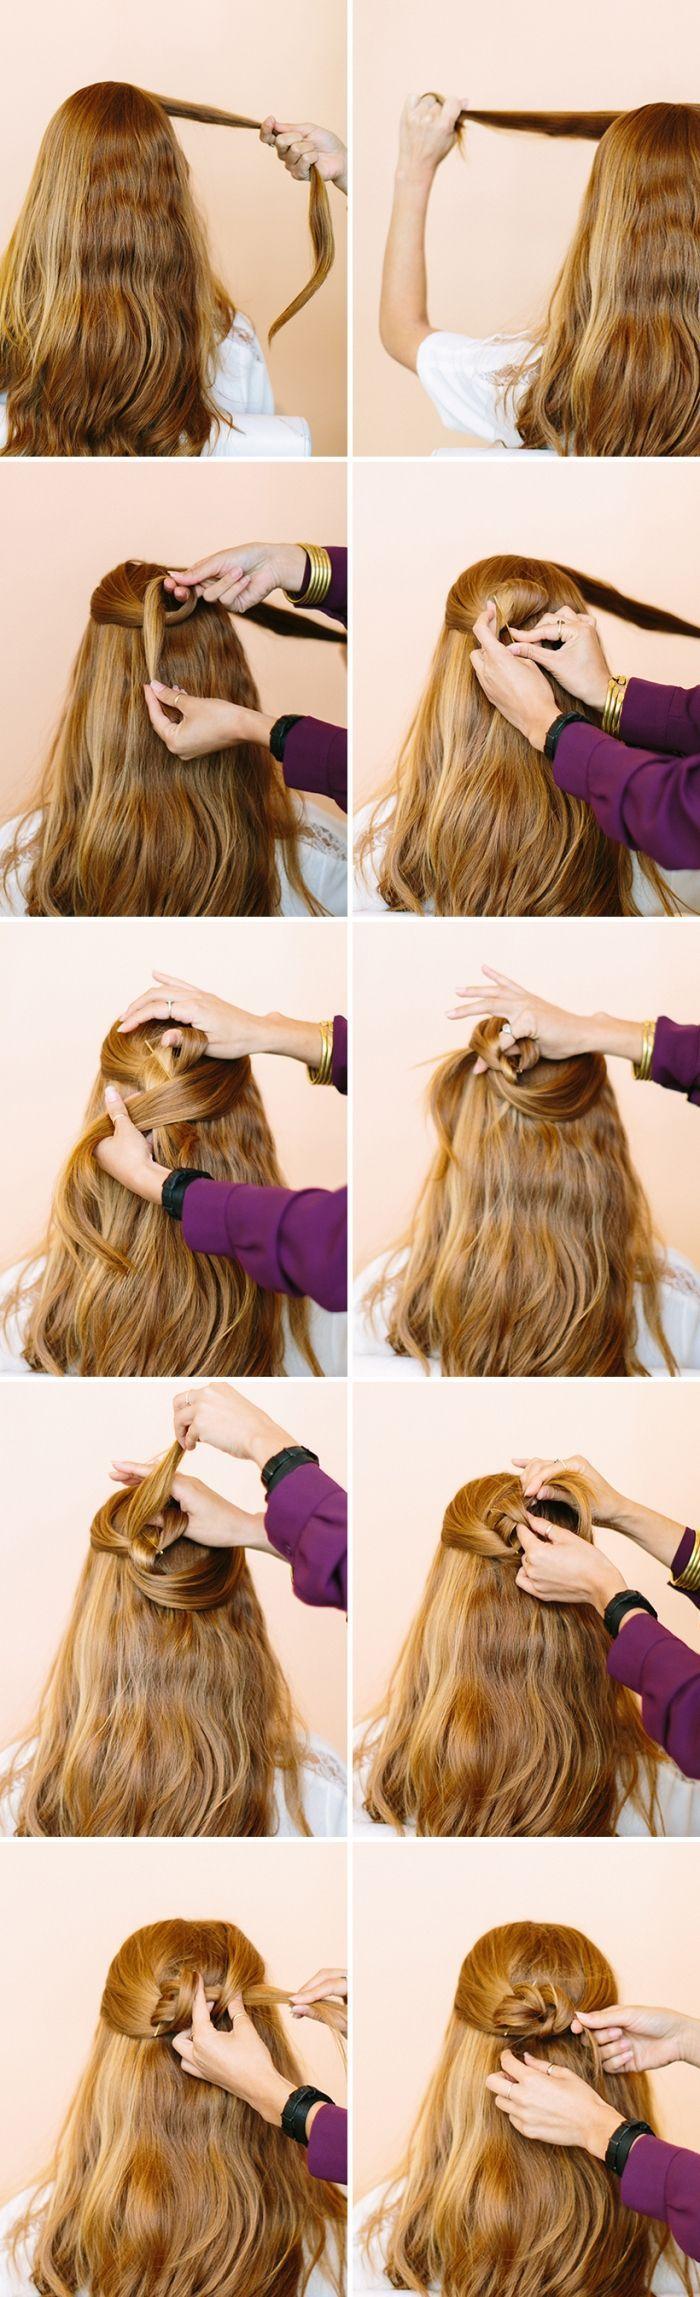 1001 Ideen für schöne Frisuren sowie Anleitungen zum Selbermachen von #Hochzeitsfrisuren